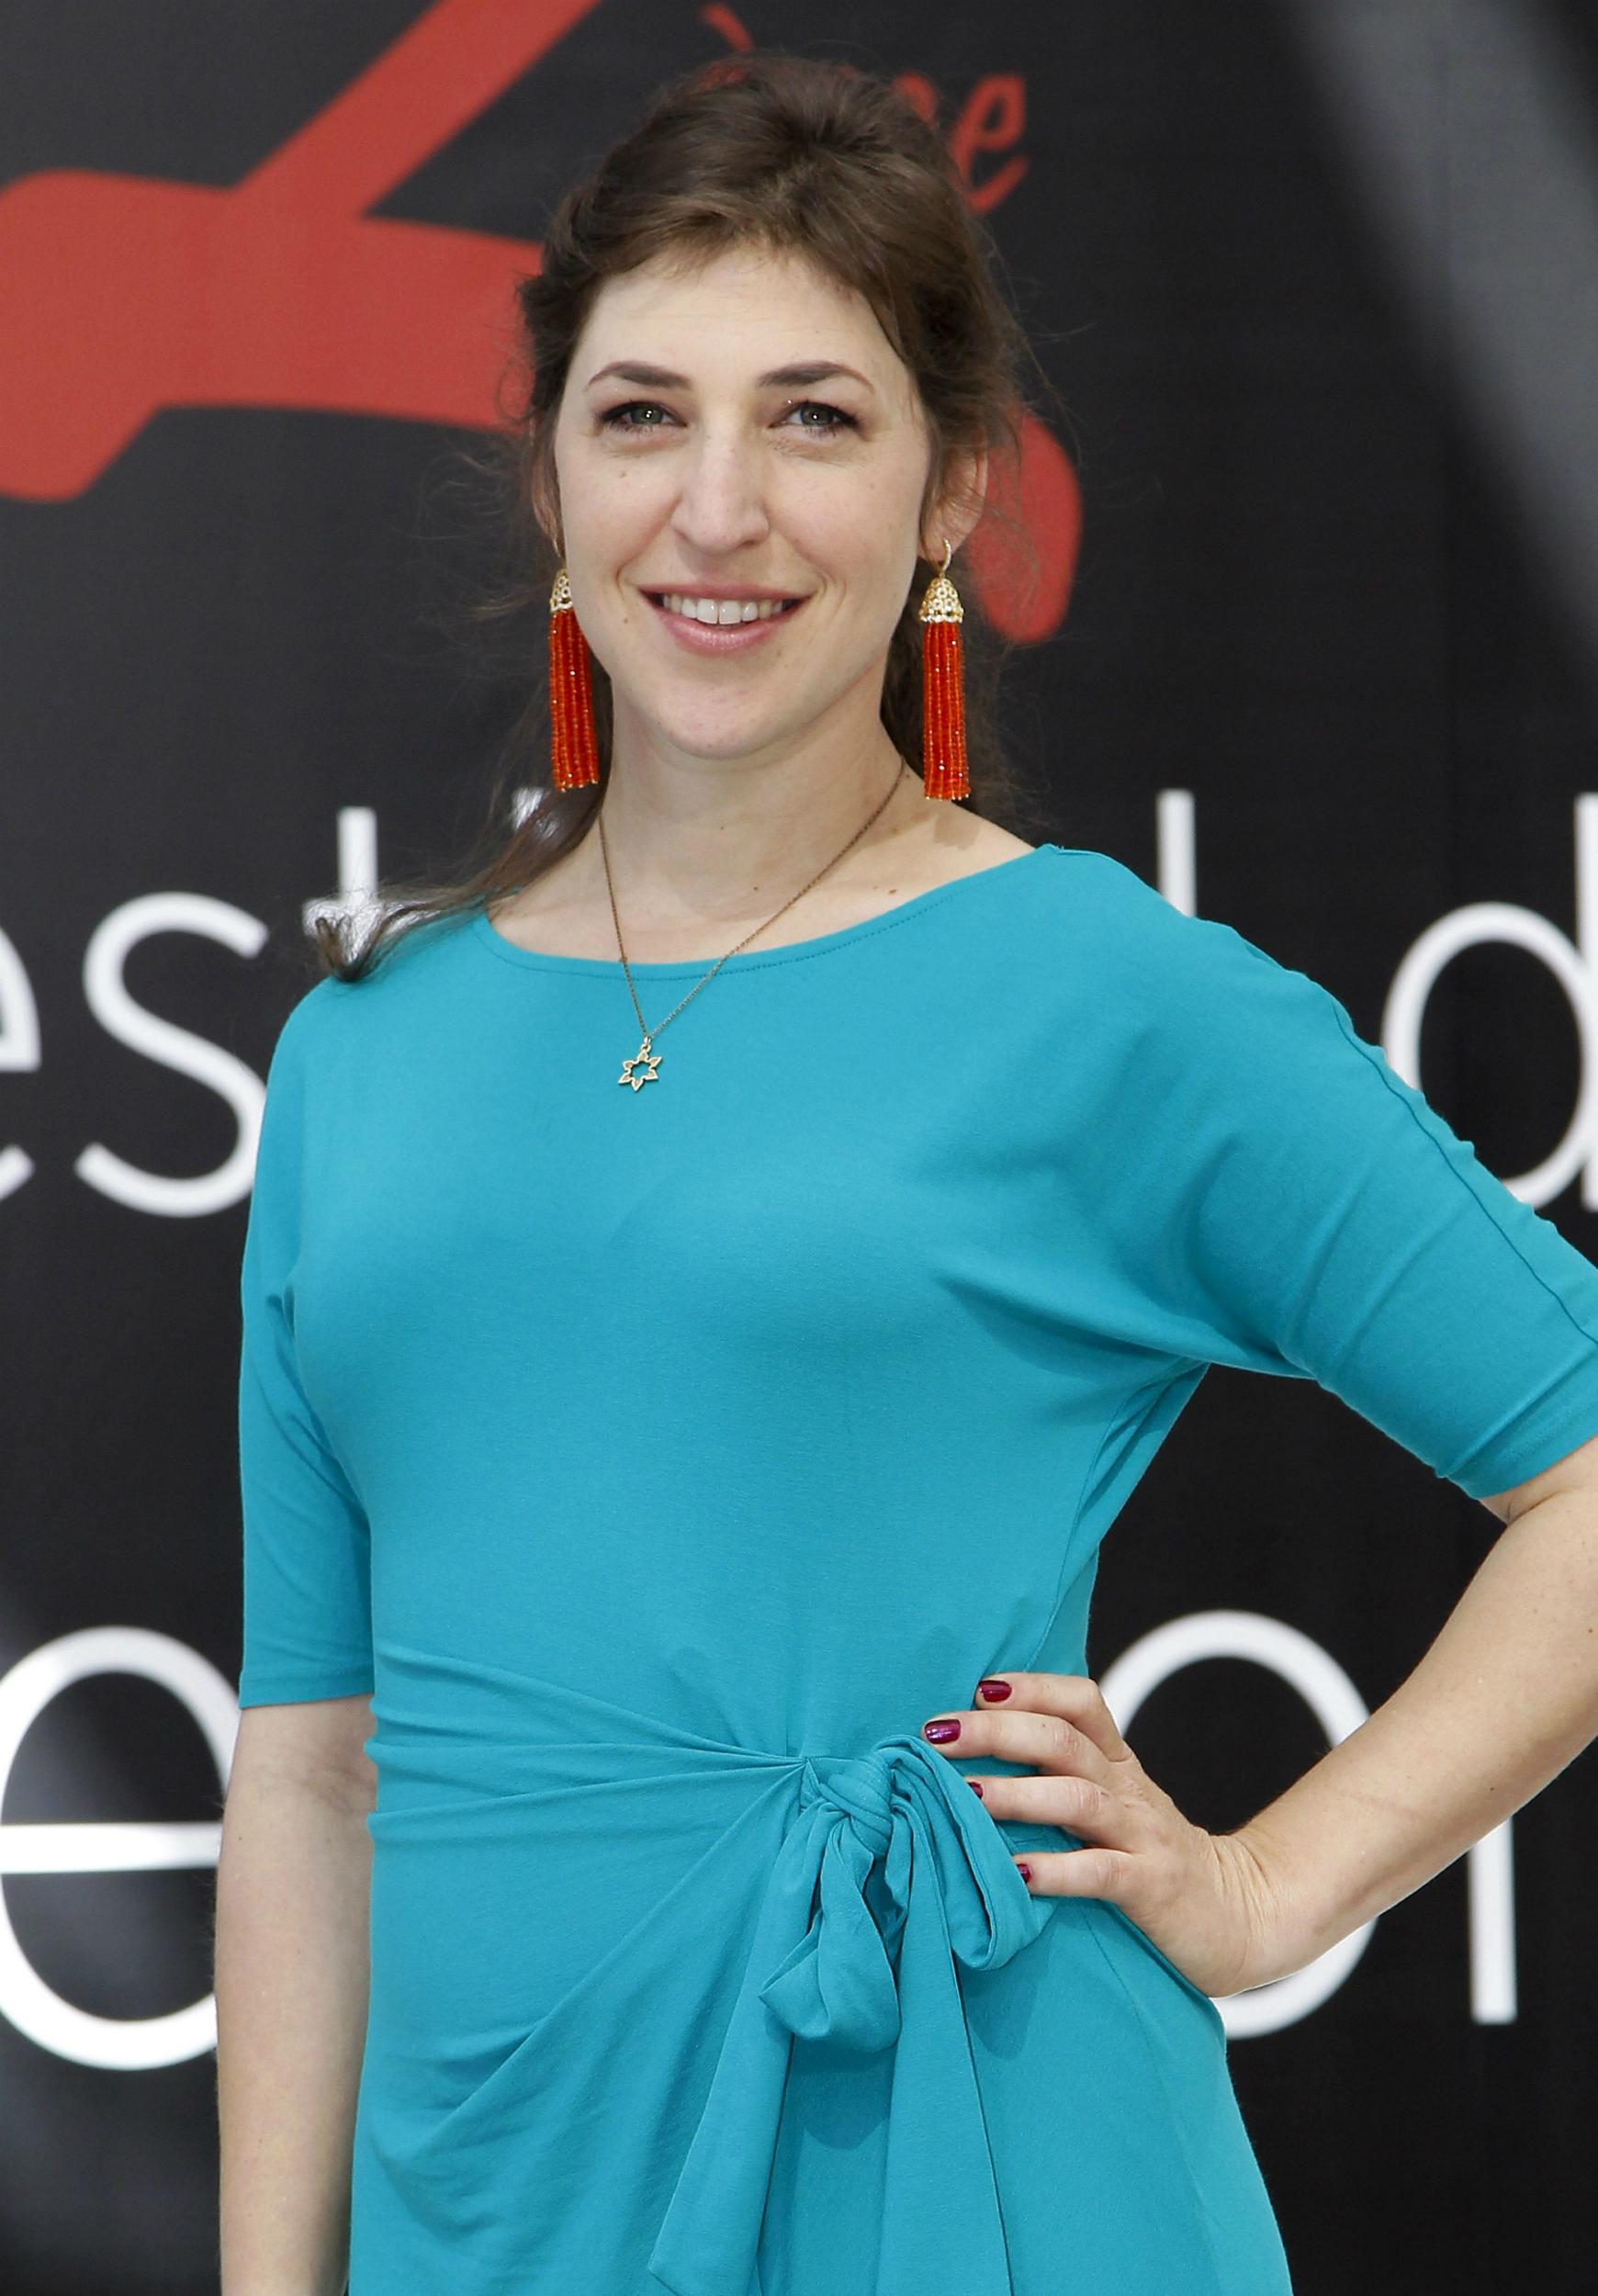 La actriz estadounidense Mayim Bialik, de la serie televisiva; The Big Bang Theory, posa para los fotógrafos durante su participación en el Festival de Televisión de Montecarlo, Mónaco,en 2012. EFE/Sebastien Nogier